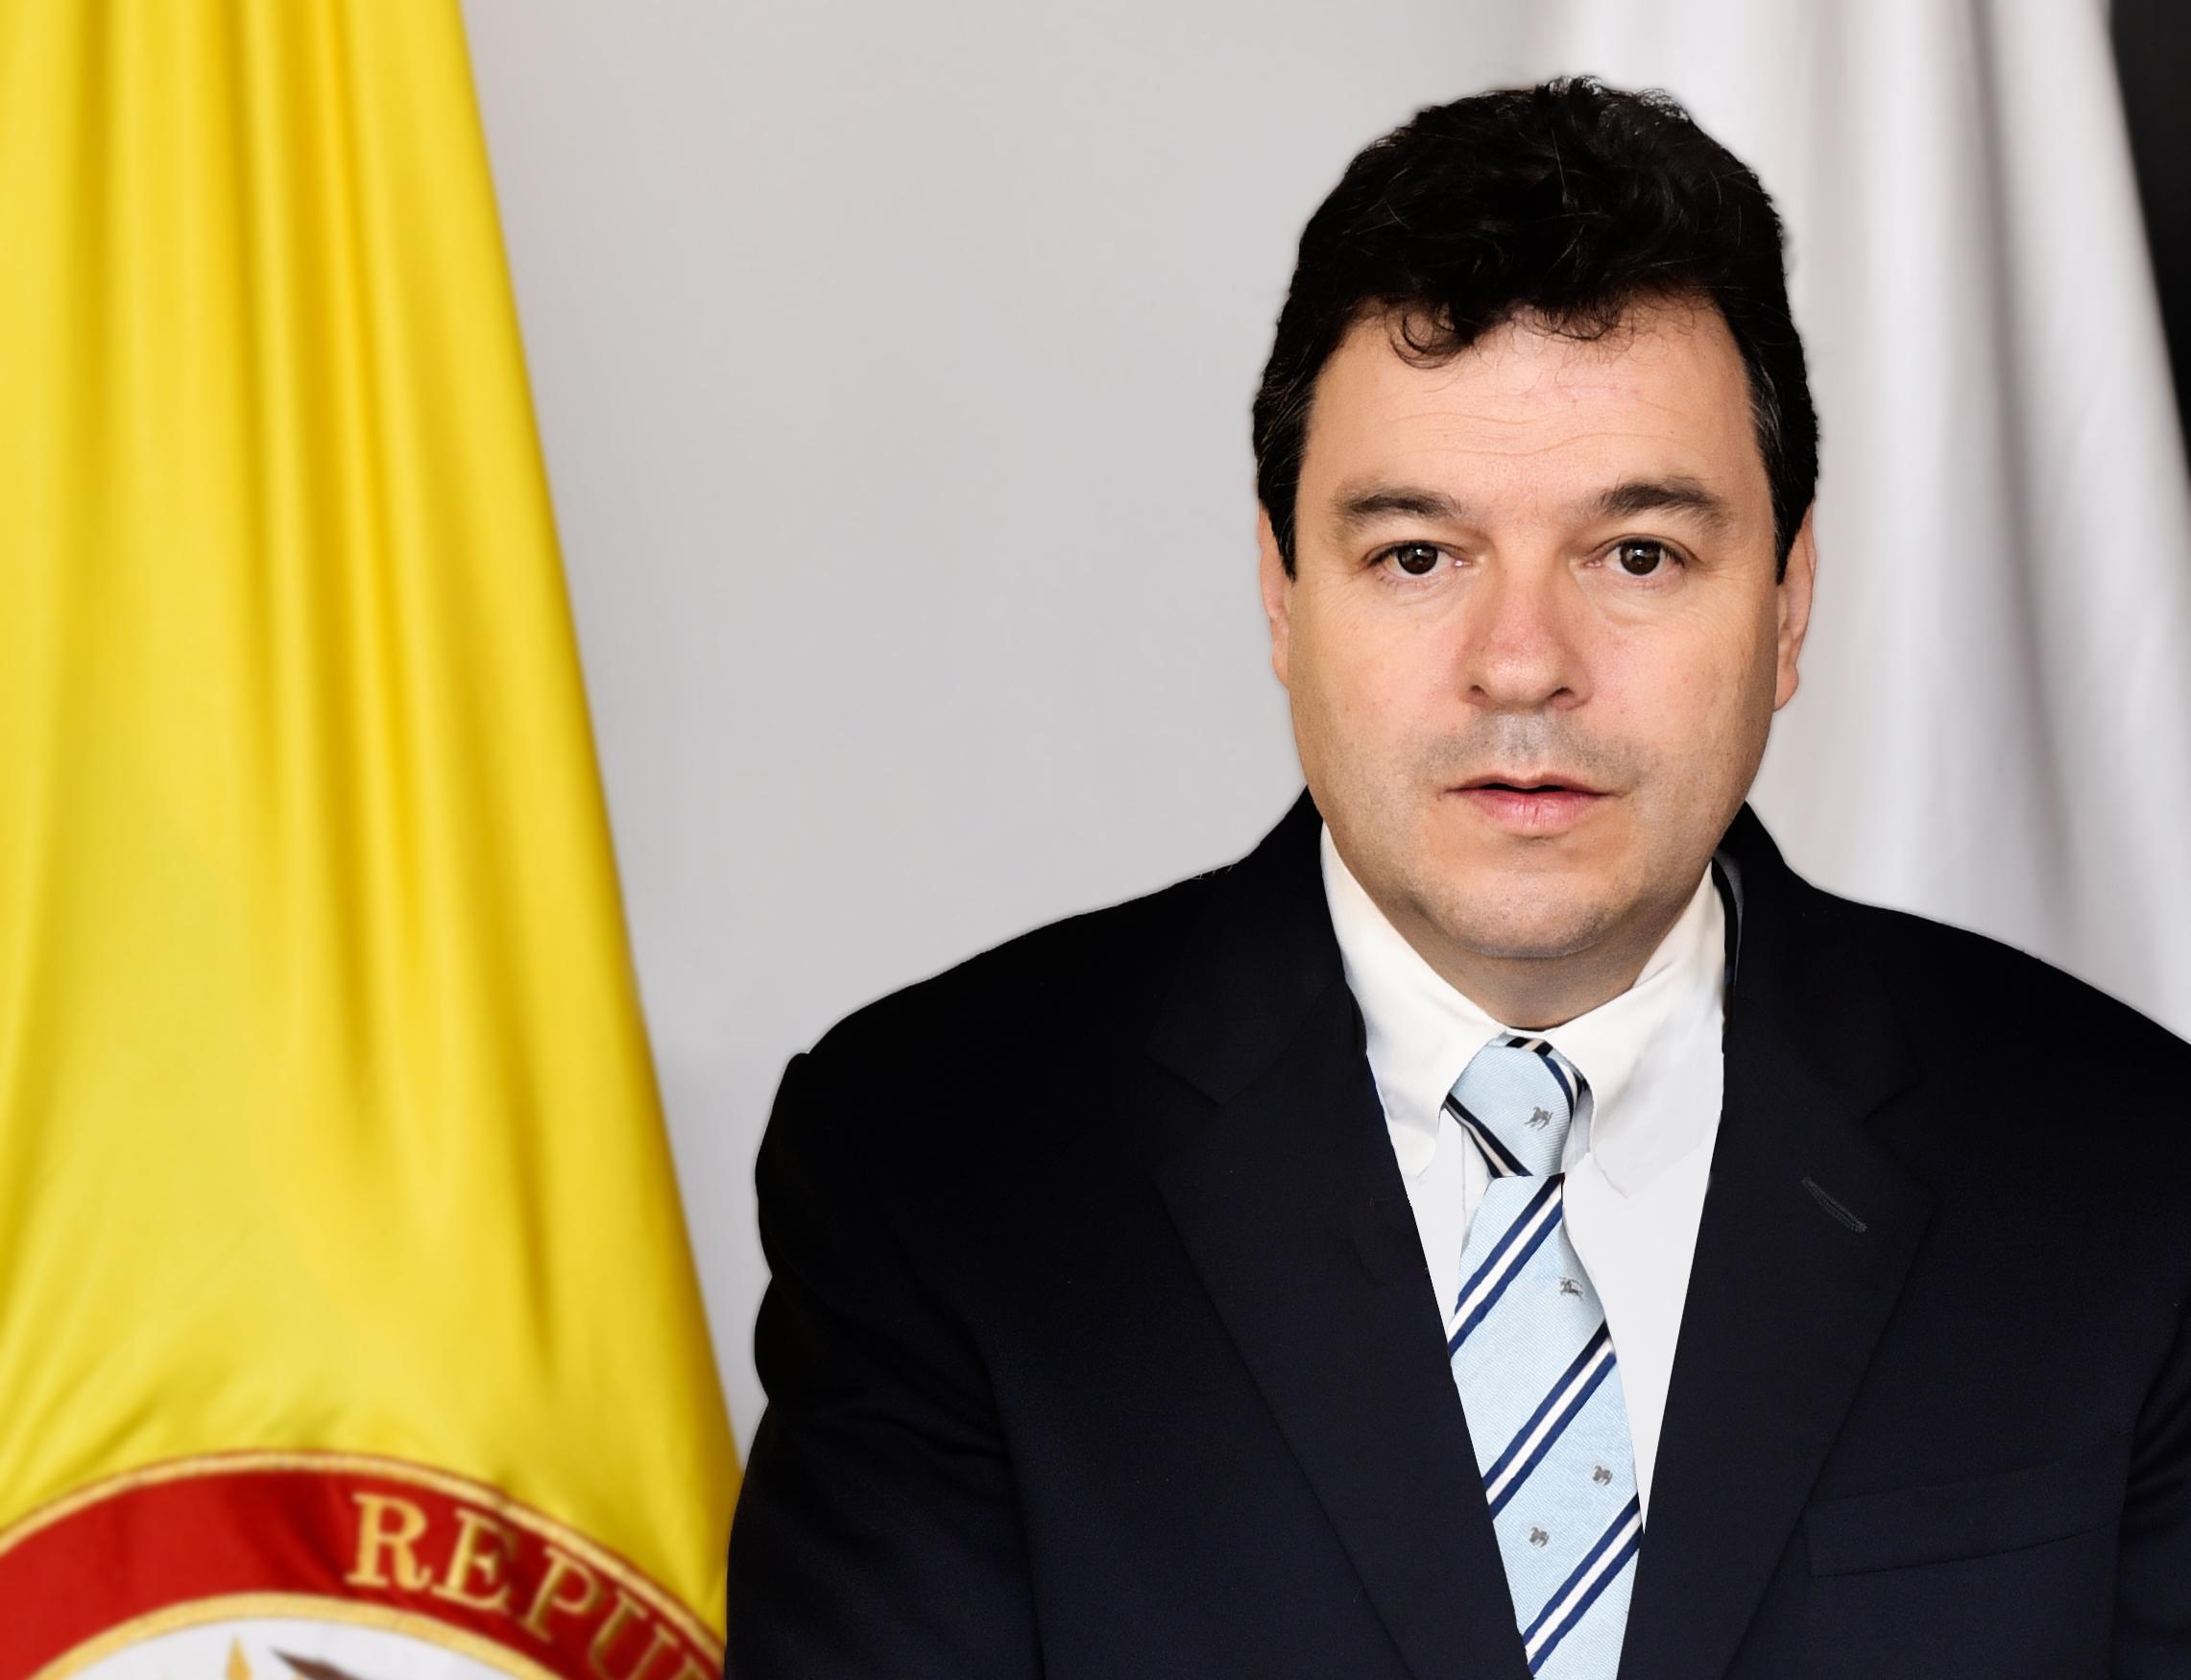 Hay riesgo electoral en 287 municipios: Defensor del Pueblo